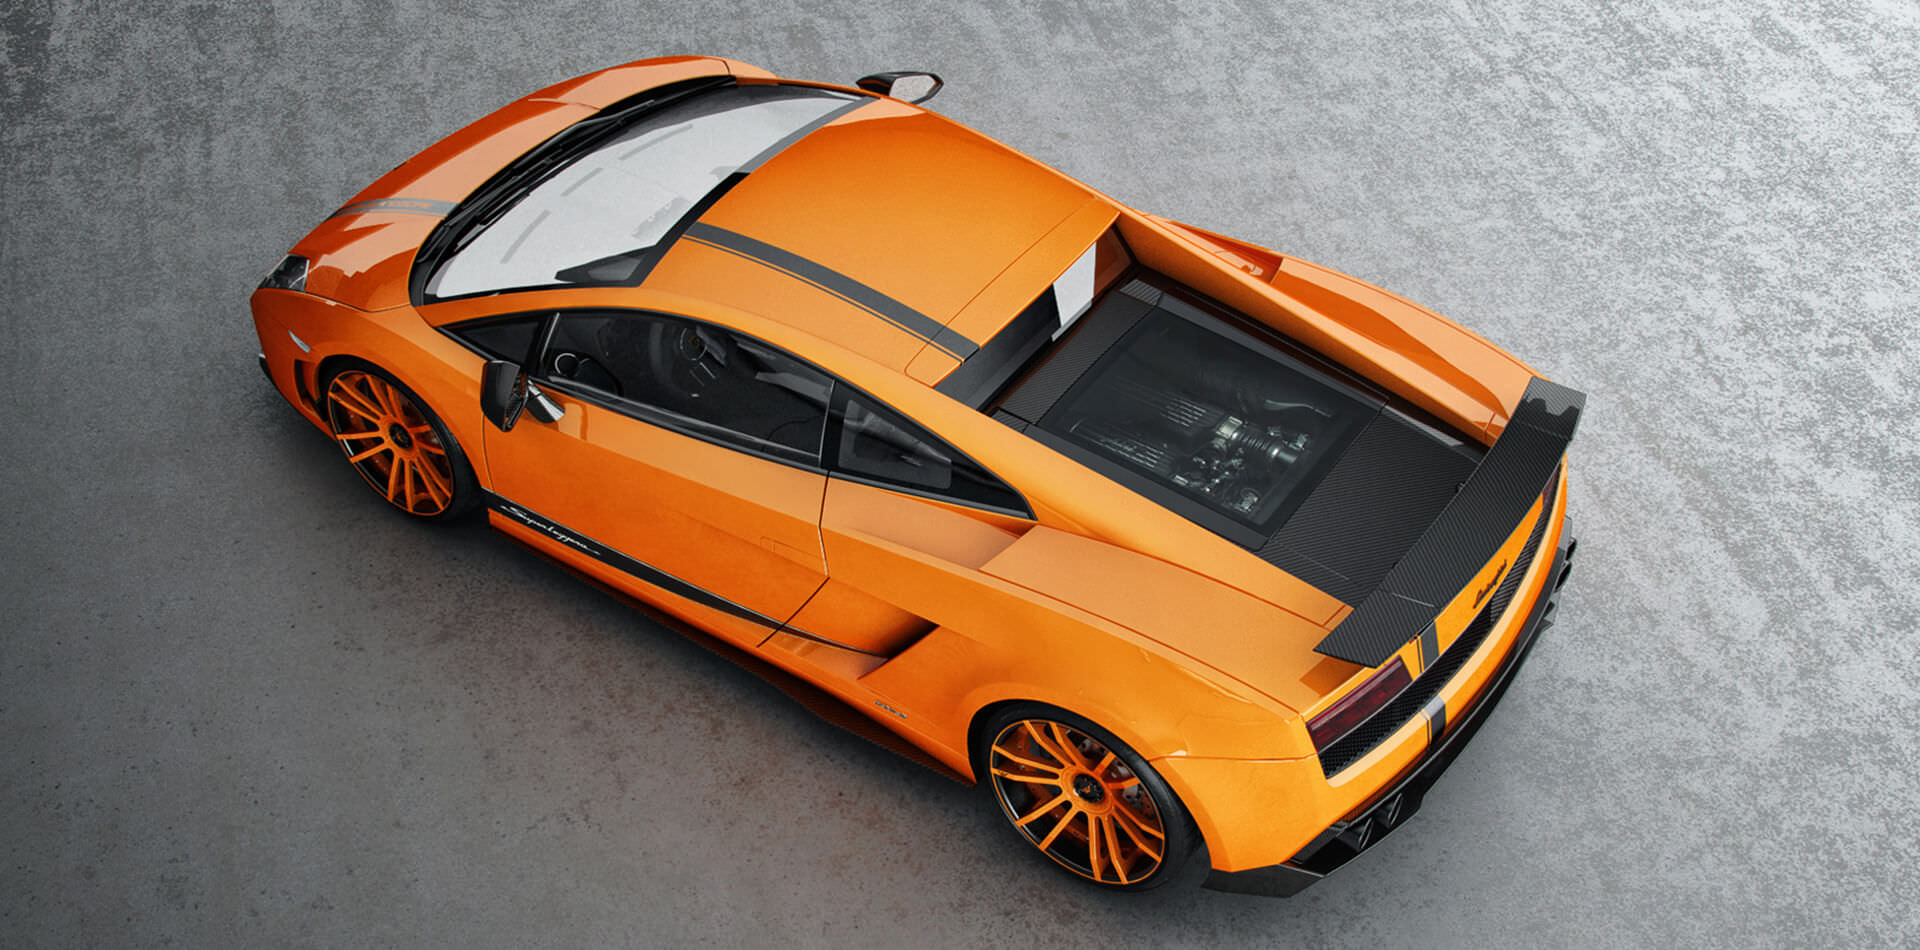 Fahrwerk_Lamborghini_Gallardo-1